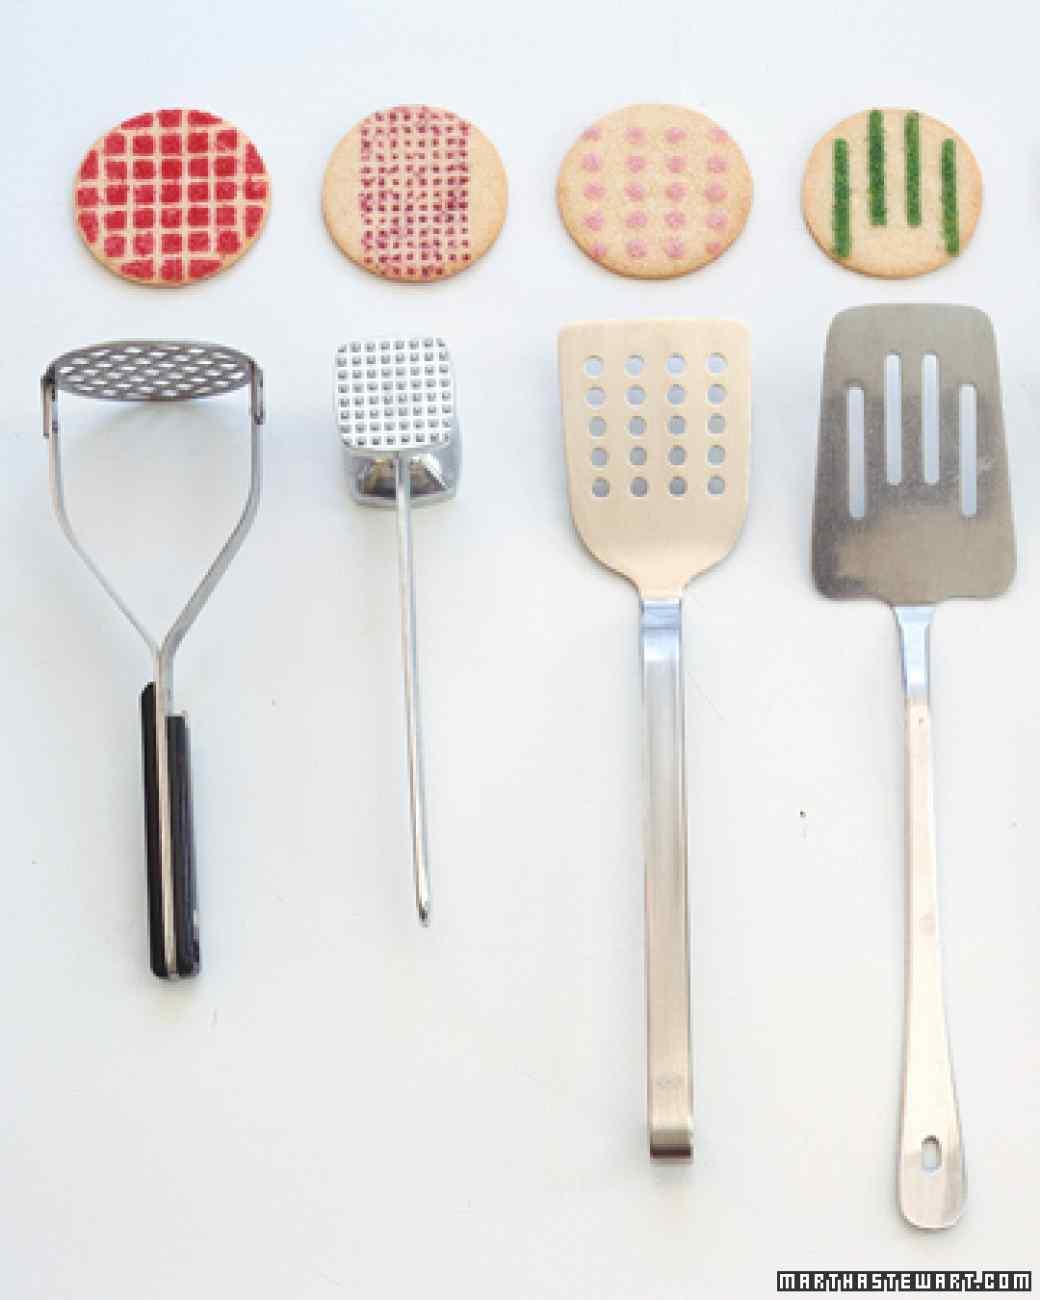 Δώστε σχήματα στα μπισκότα σας απλά και έξυπνα!